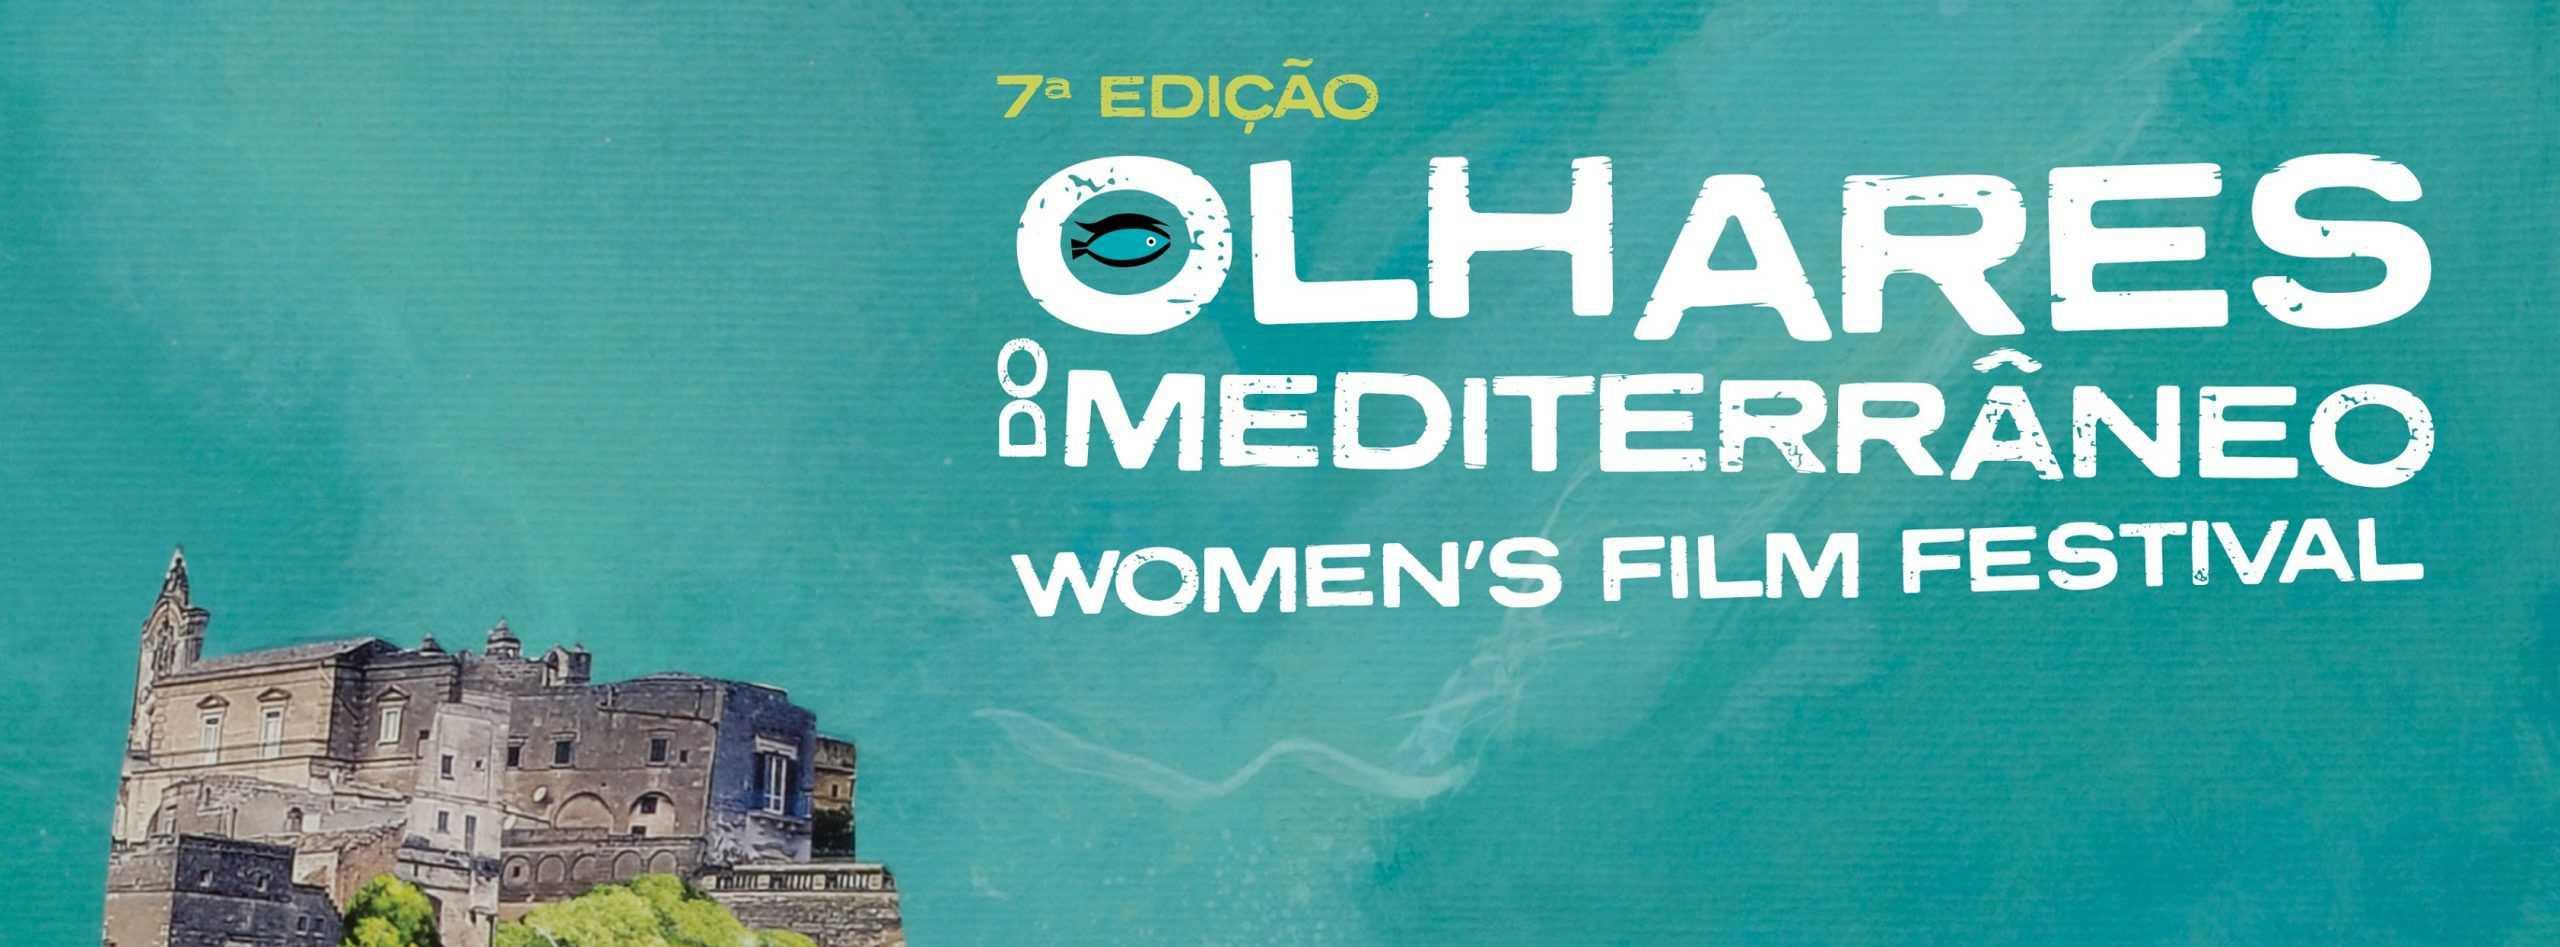 Olhares do Mediterrâneo Artes & contextos olhares mediterraneo festival 2020